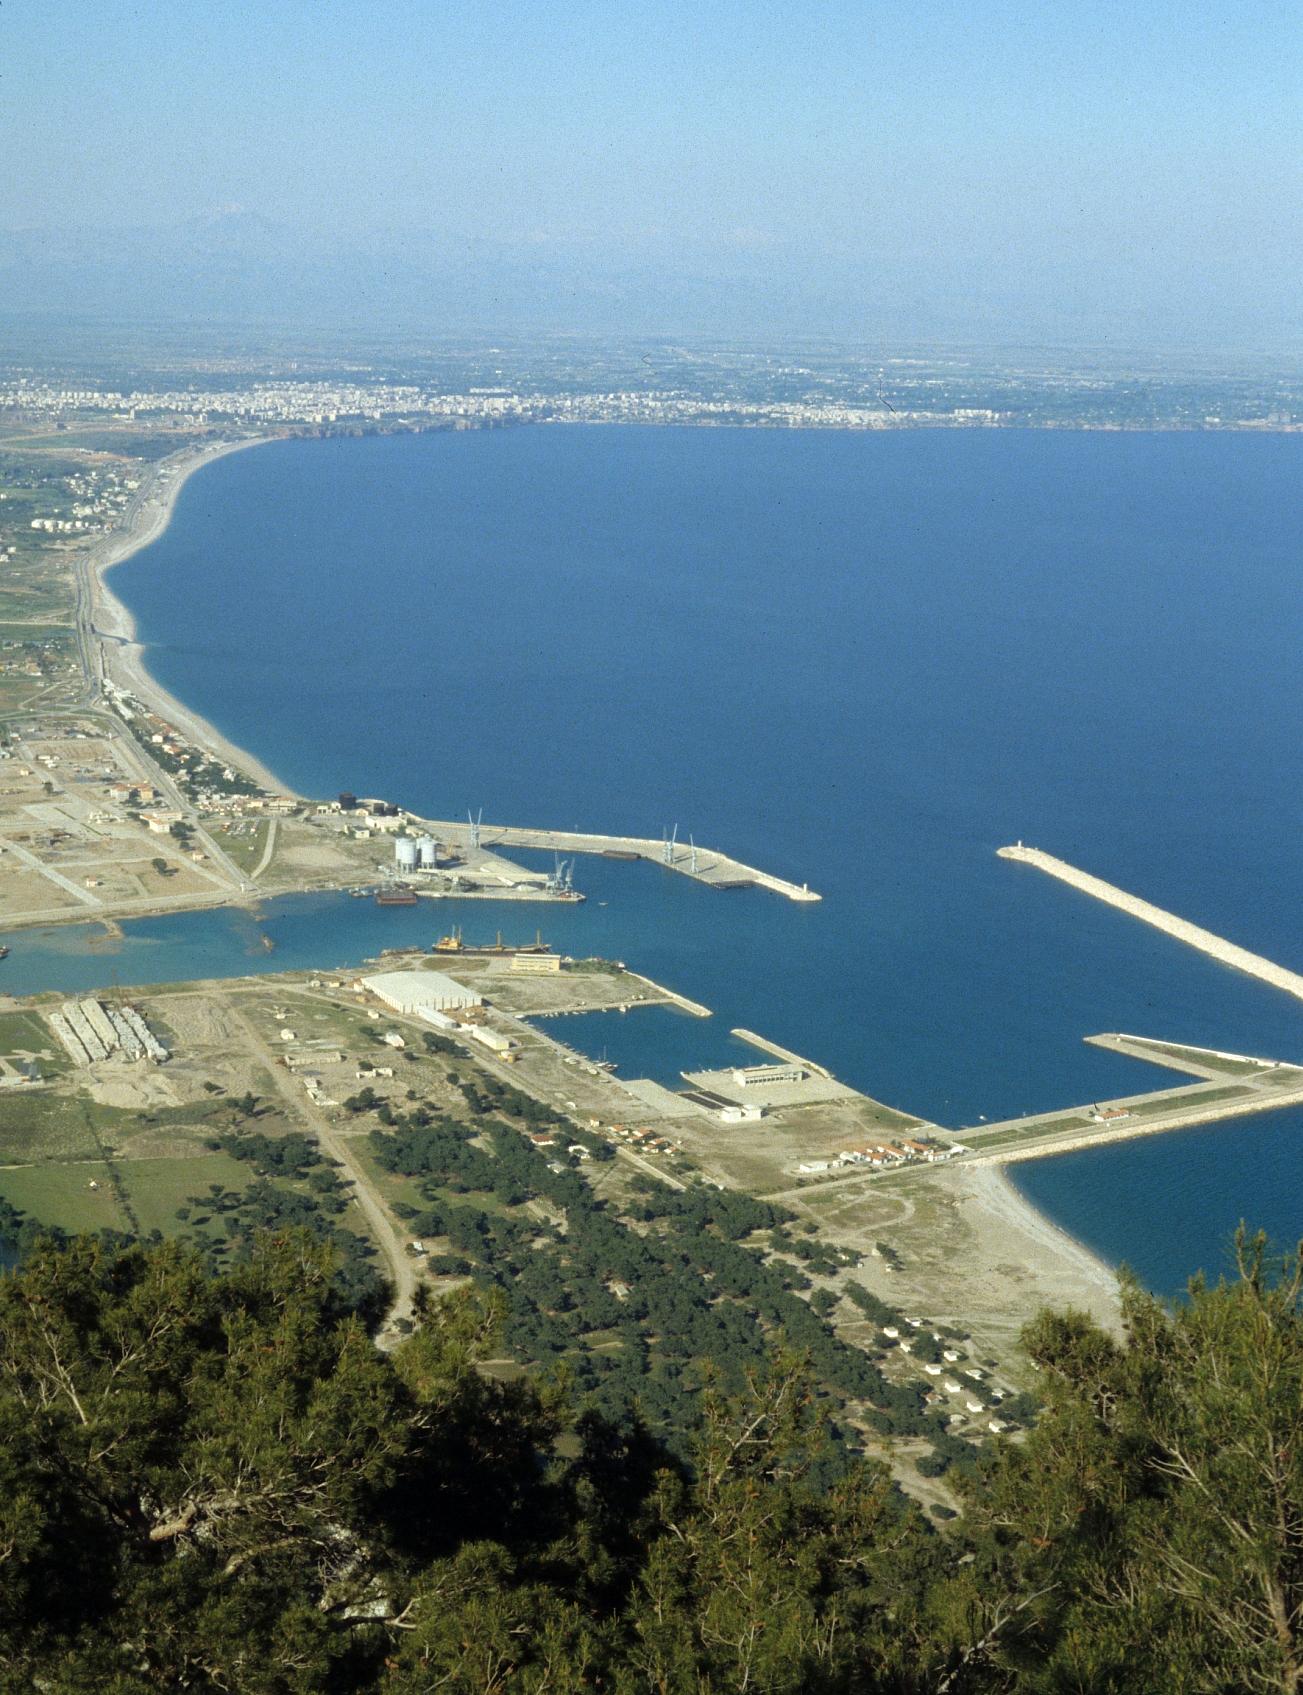 Türkische Riviera Karte.Türkische Riviera Wikipedia